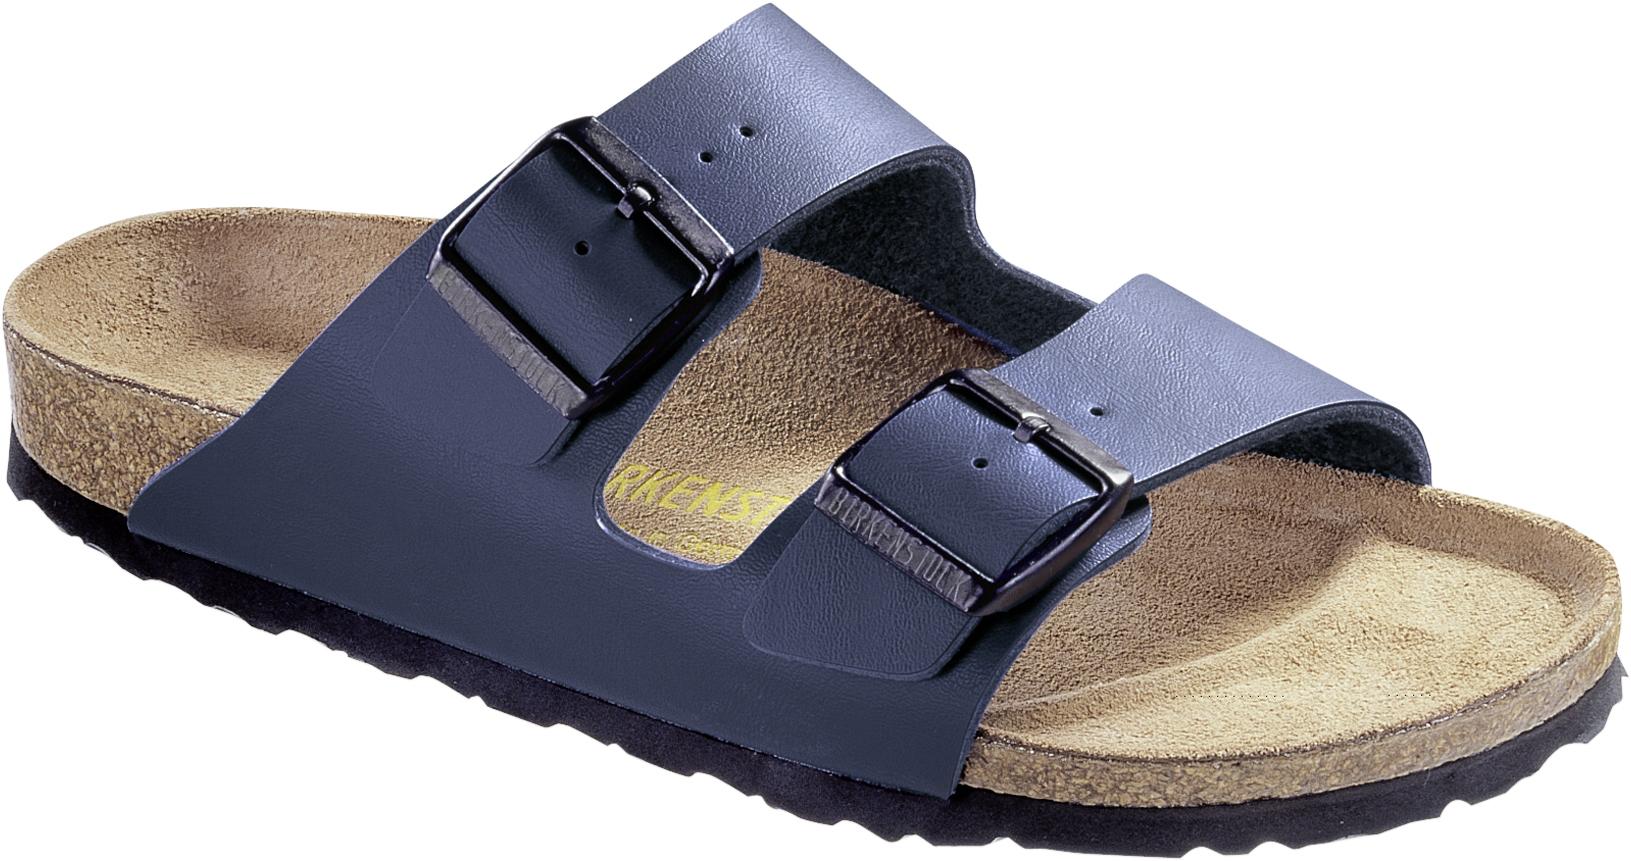 93bca16e85cdf3 Sandals